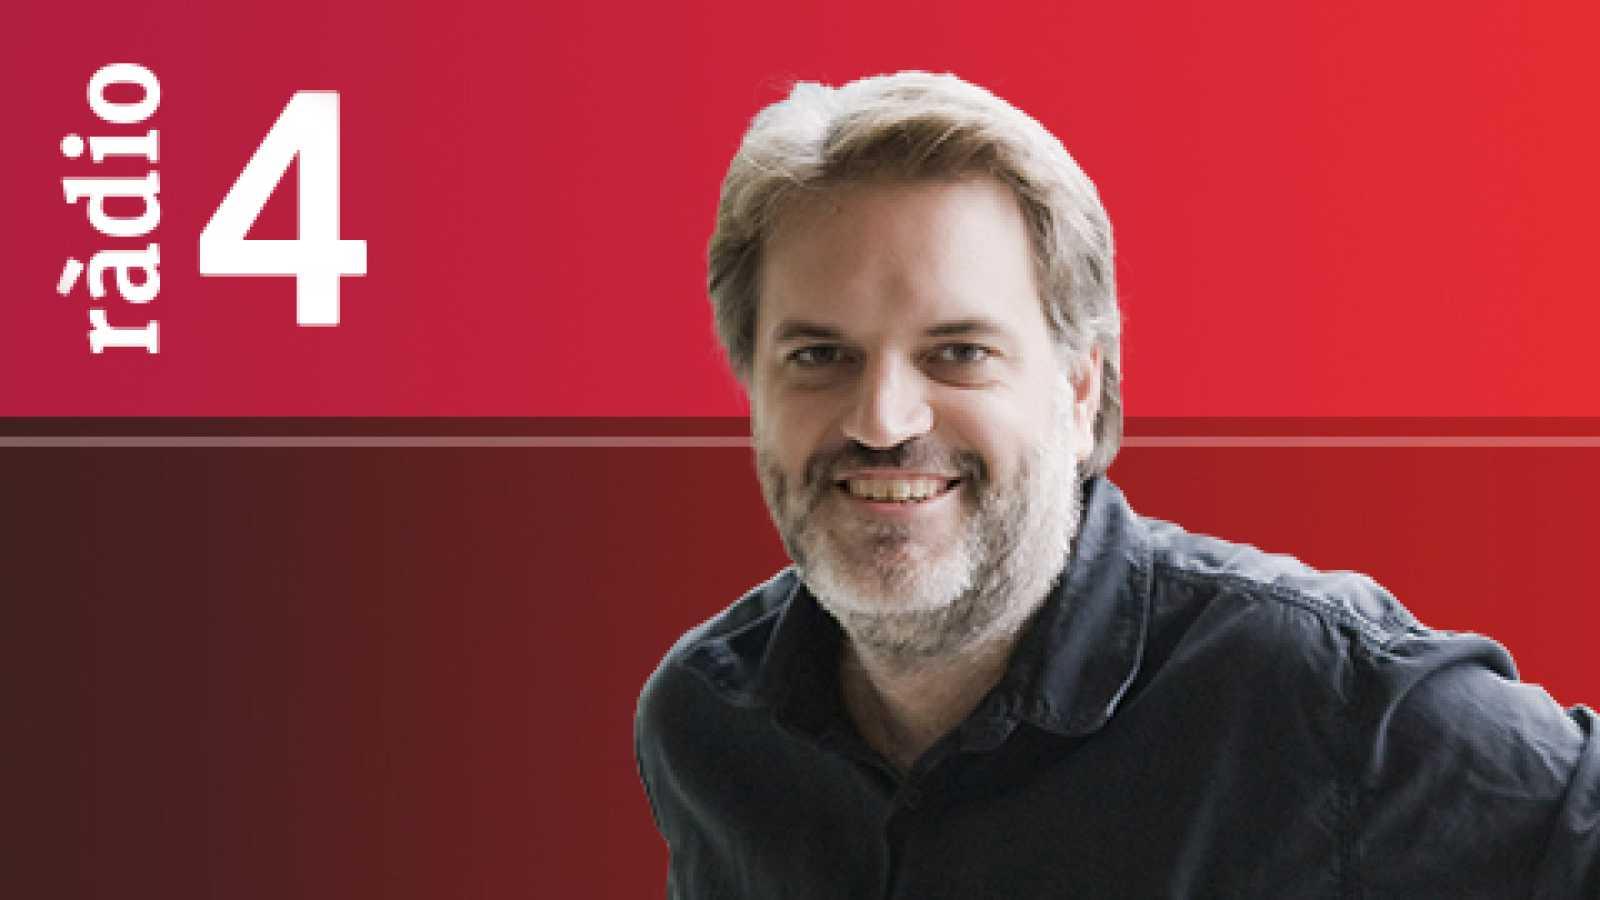 El matí a Ràdio 4 - Informe PISA amb el mestre i psicopedagog de la Universitat Blanquerna, Miquel Angel Prats